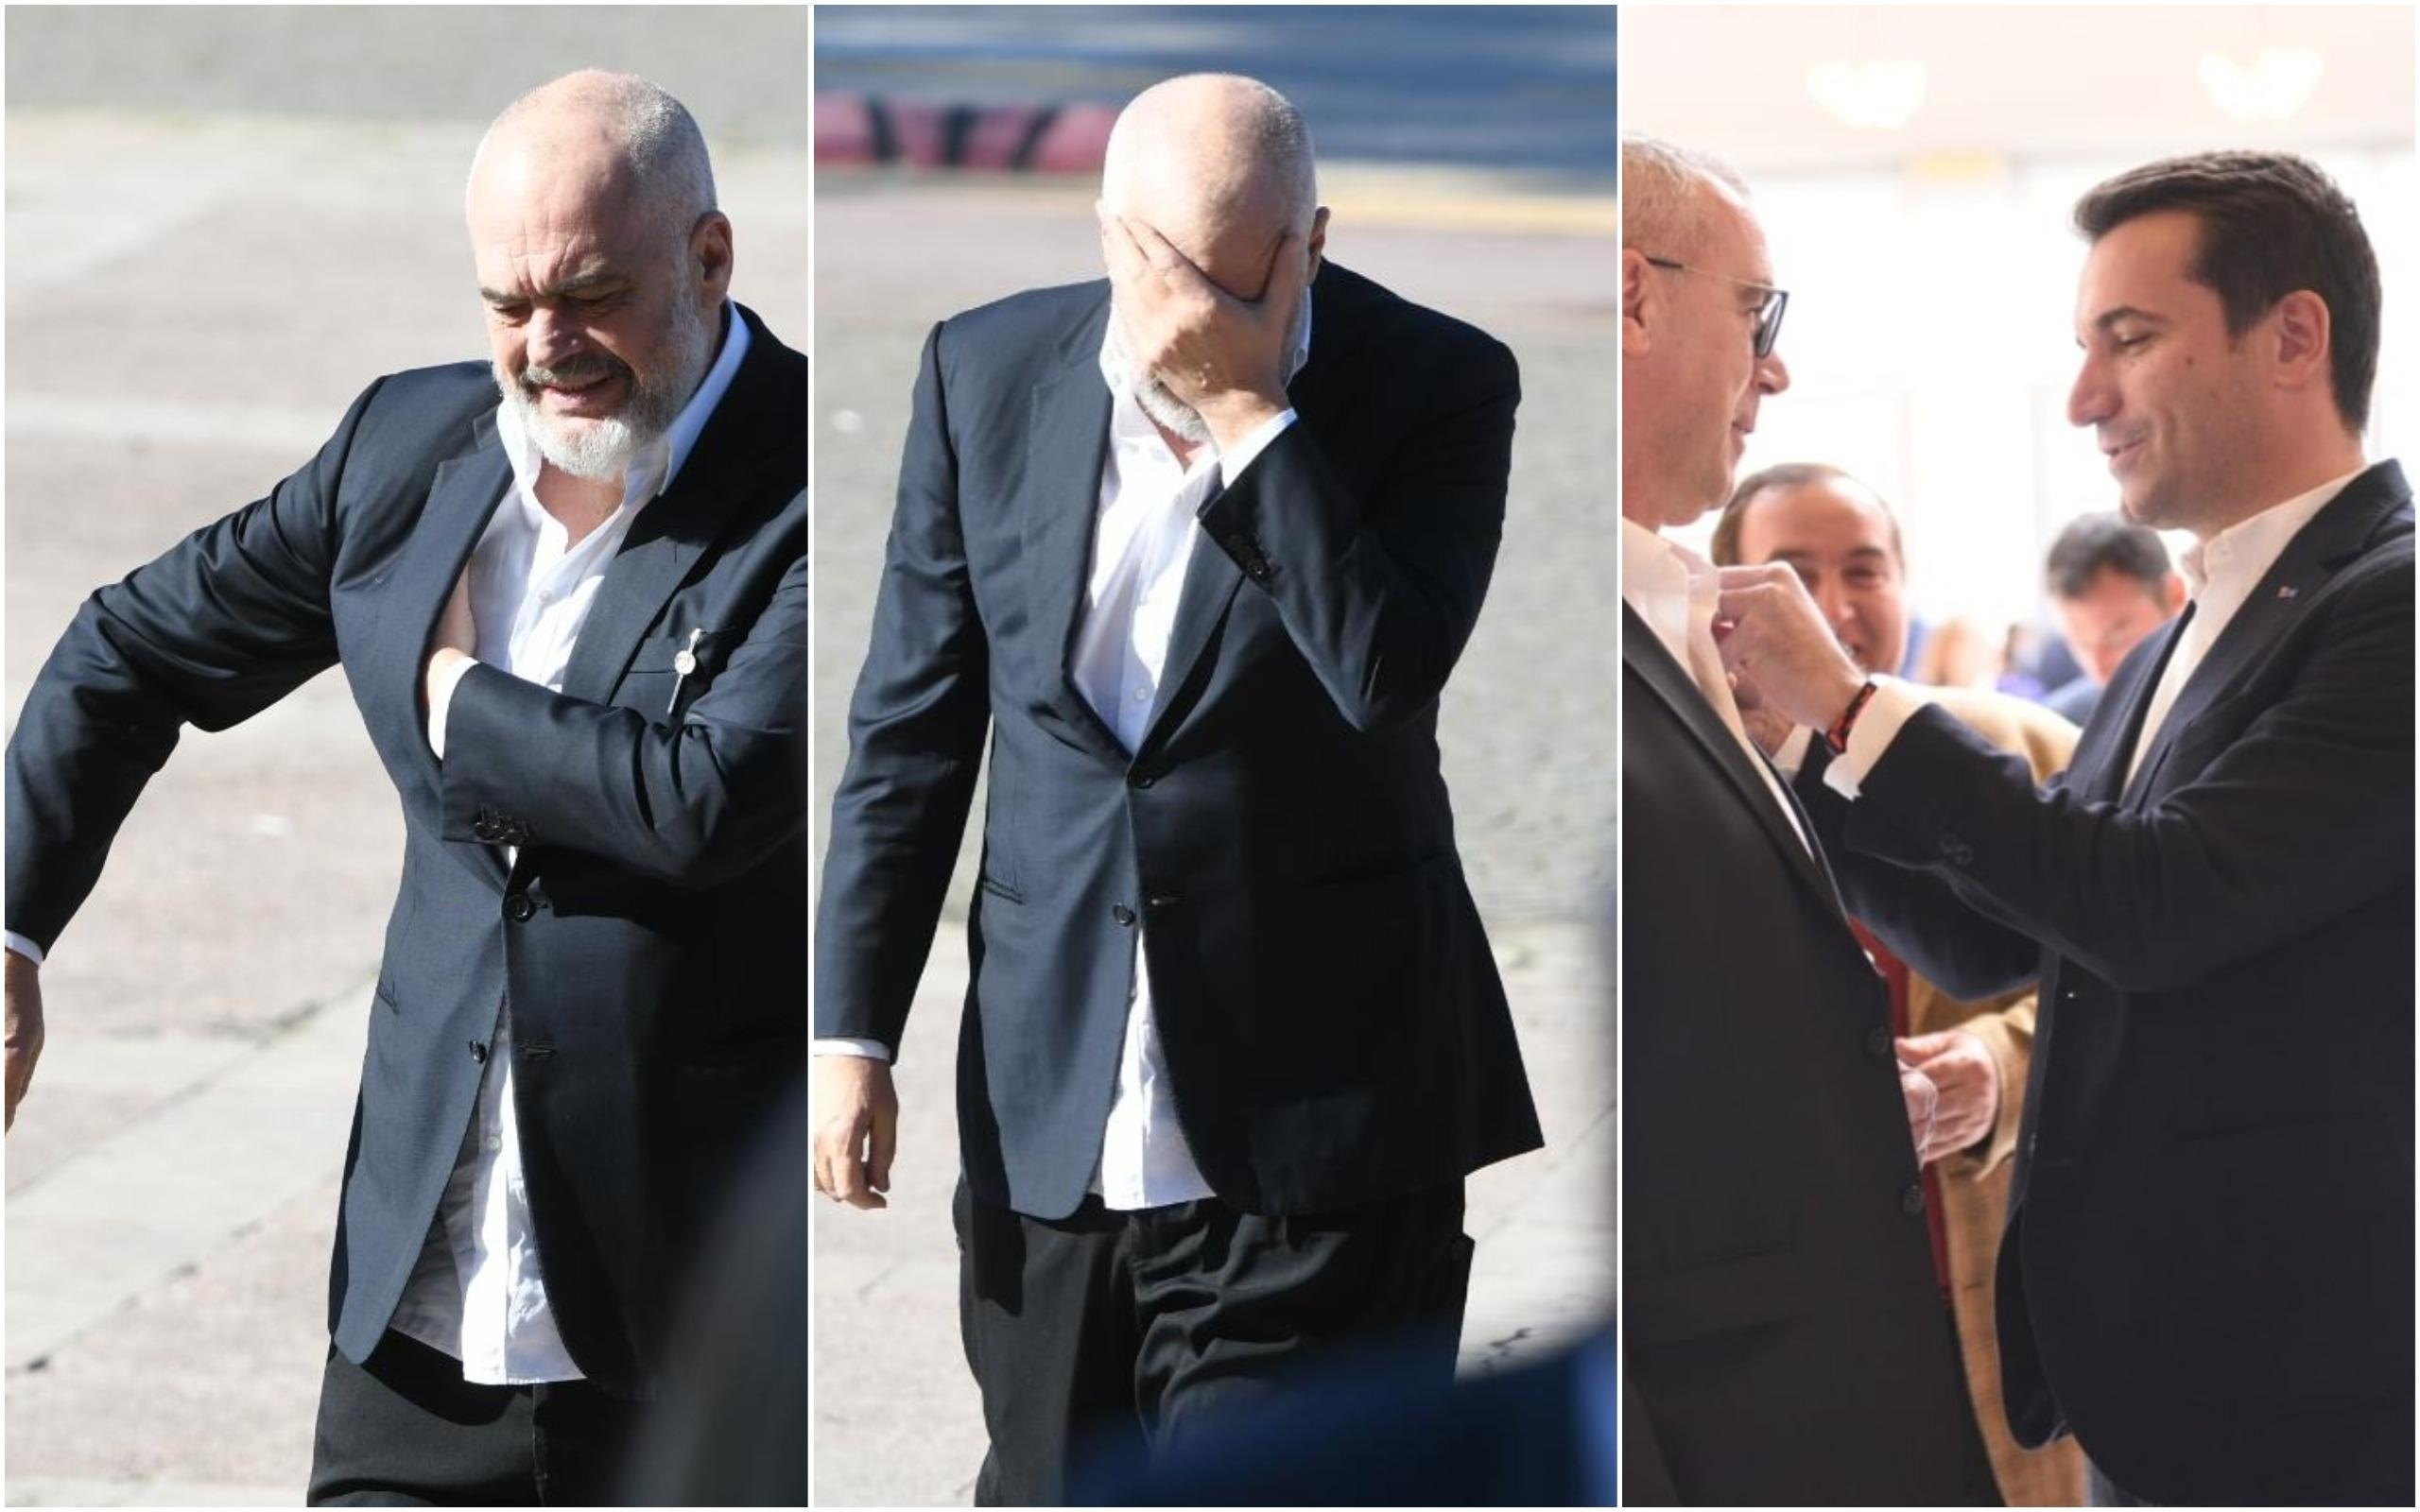 FOTO/ Ramën e shtrëngon xhaketa, Veliaj i rregullon kravatën Pëllumbit: Çfarë nuk u pa nga Kongresi i PS